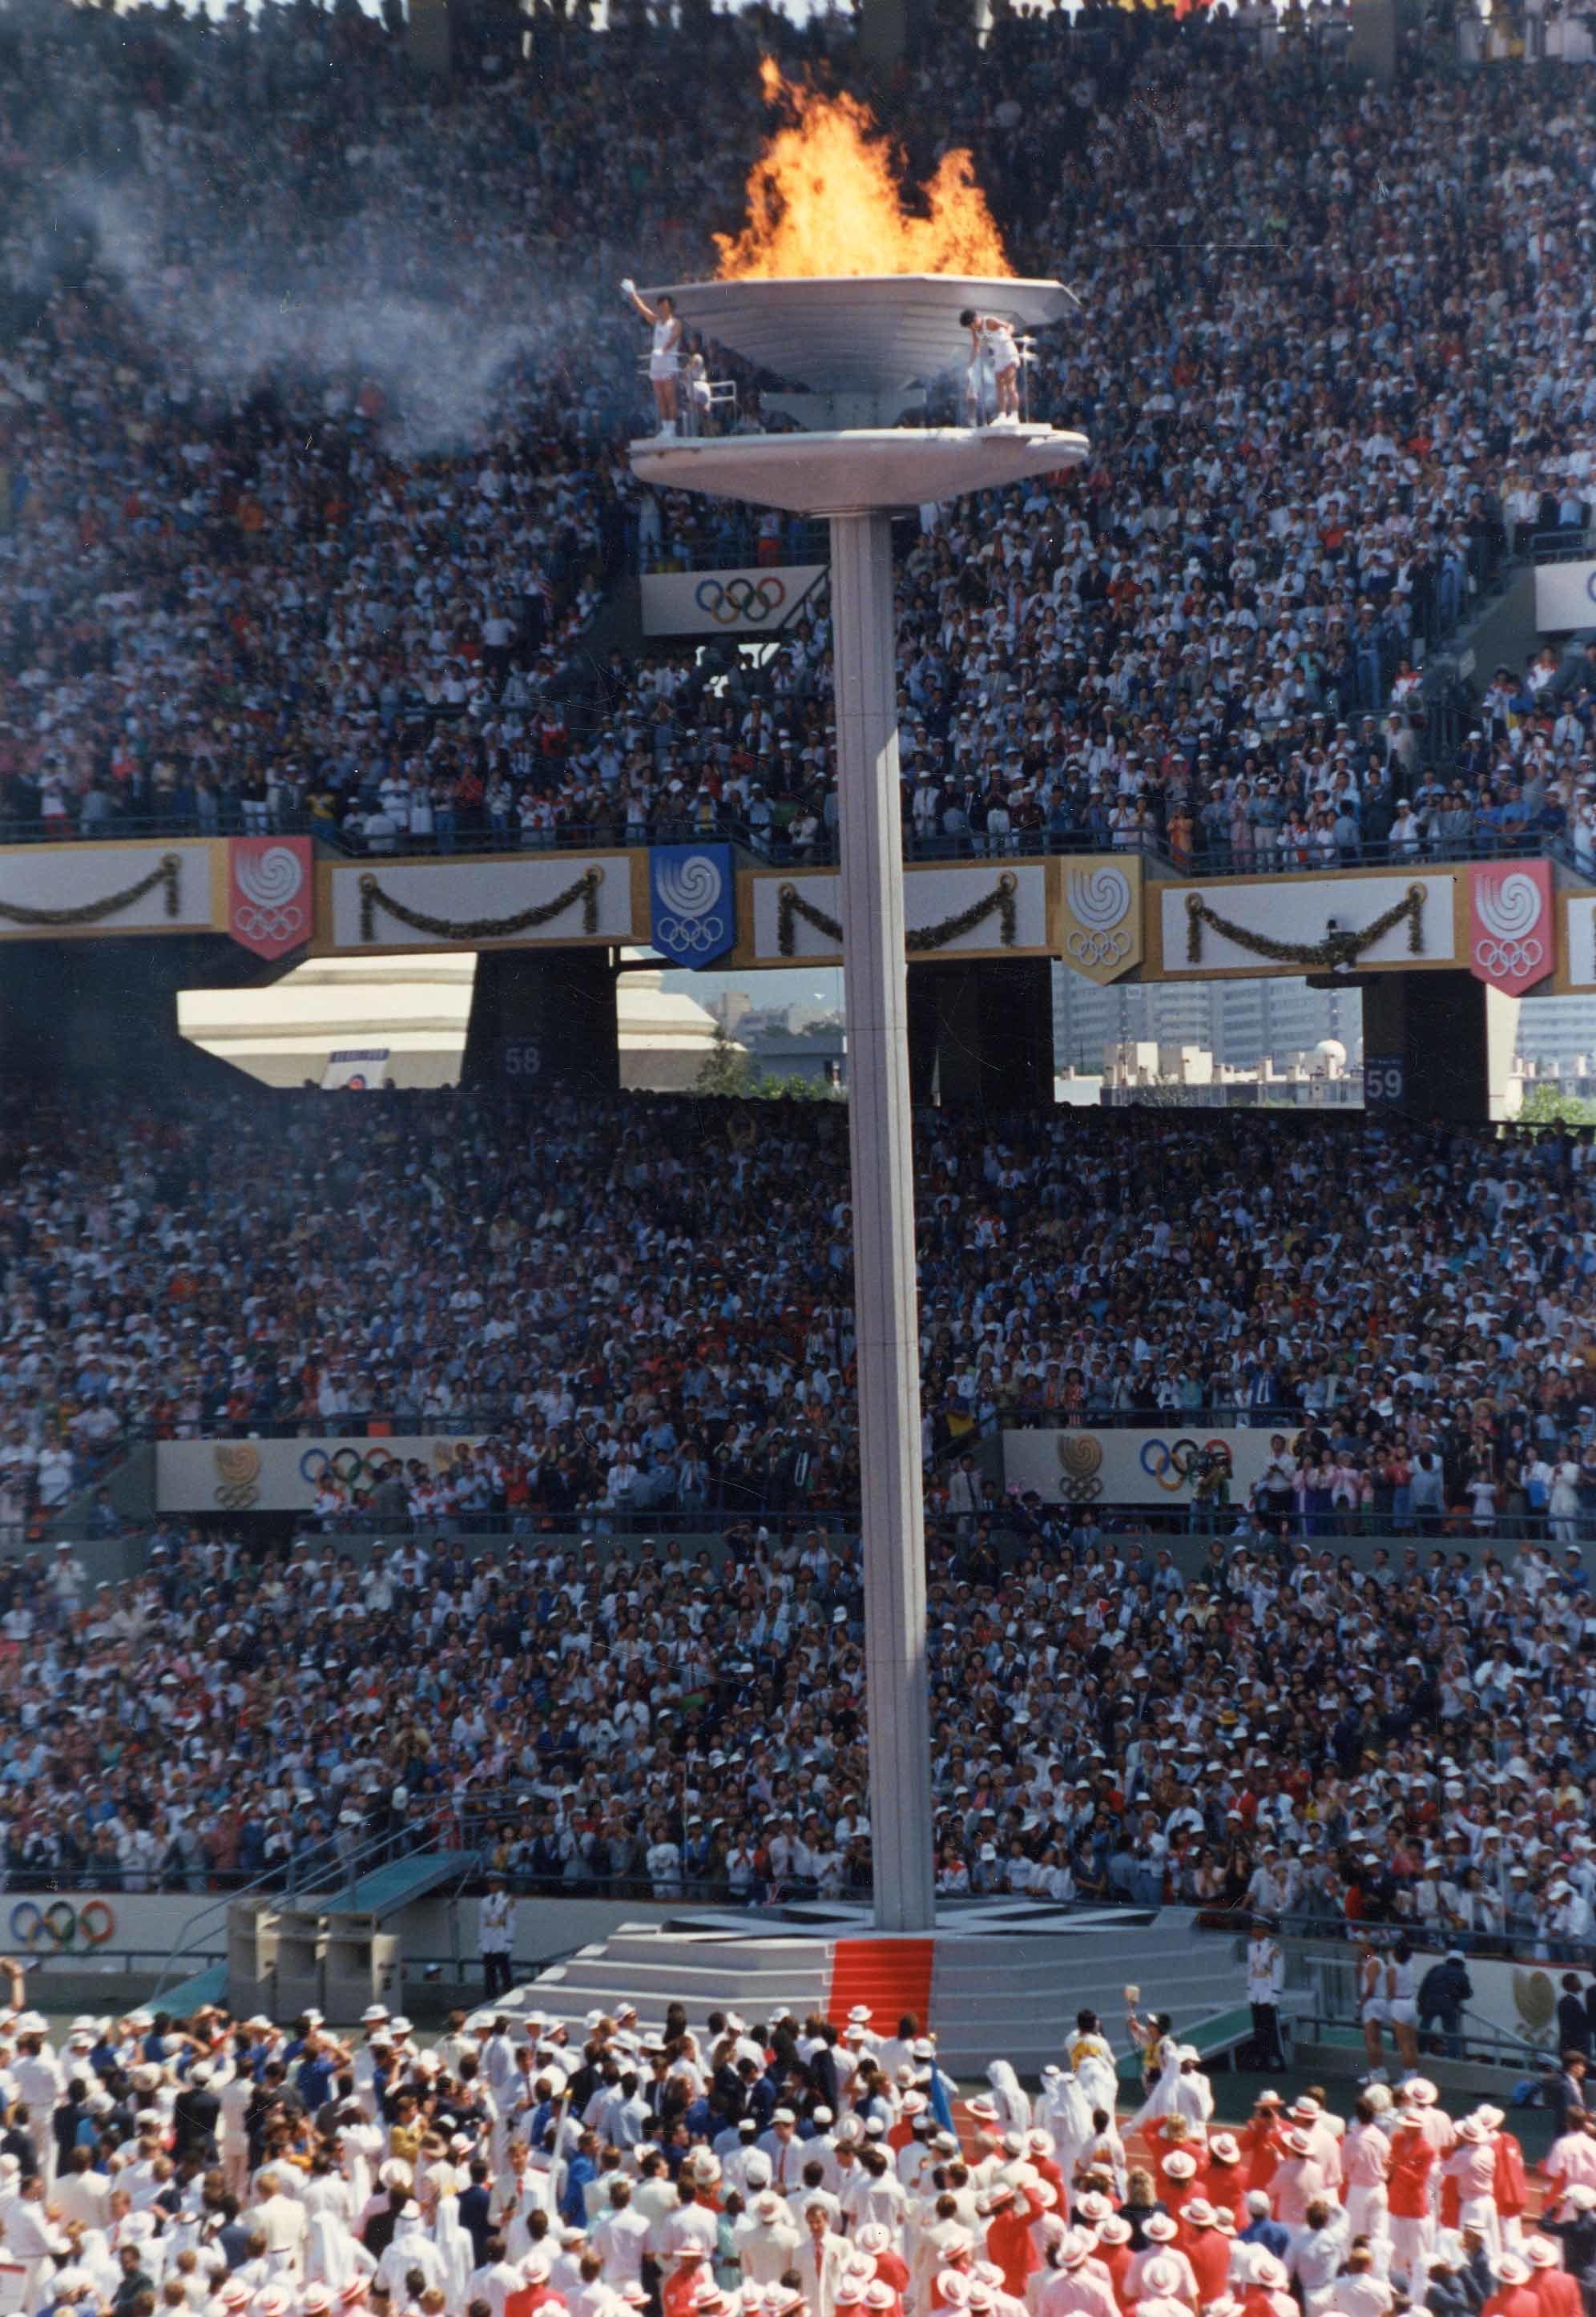 올림픽 사상 최초로 3인의 점화자에 의해 서울 올림픽 성화가 점화되고 있다. [중앙포토]